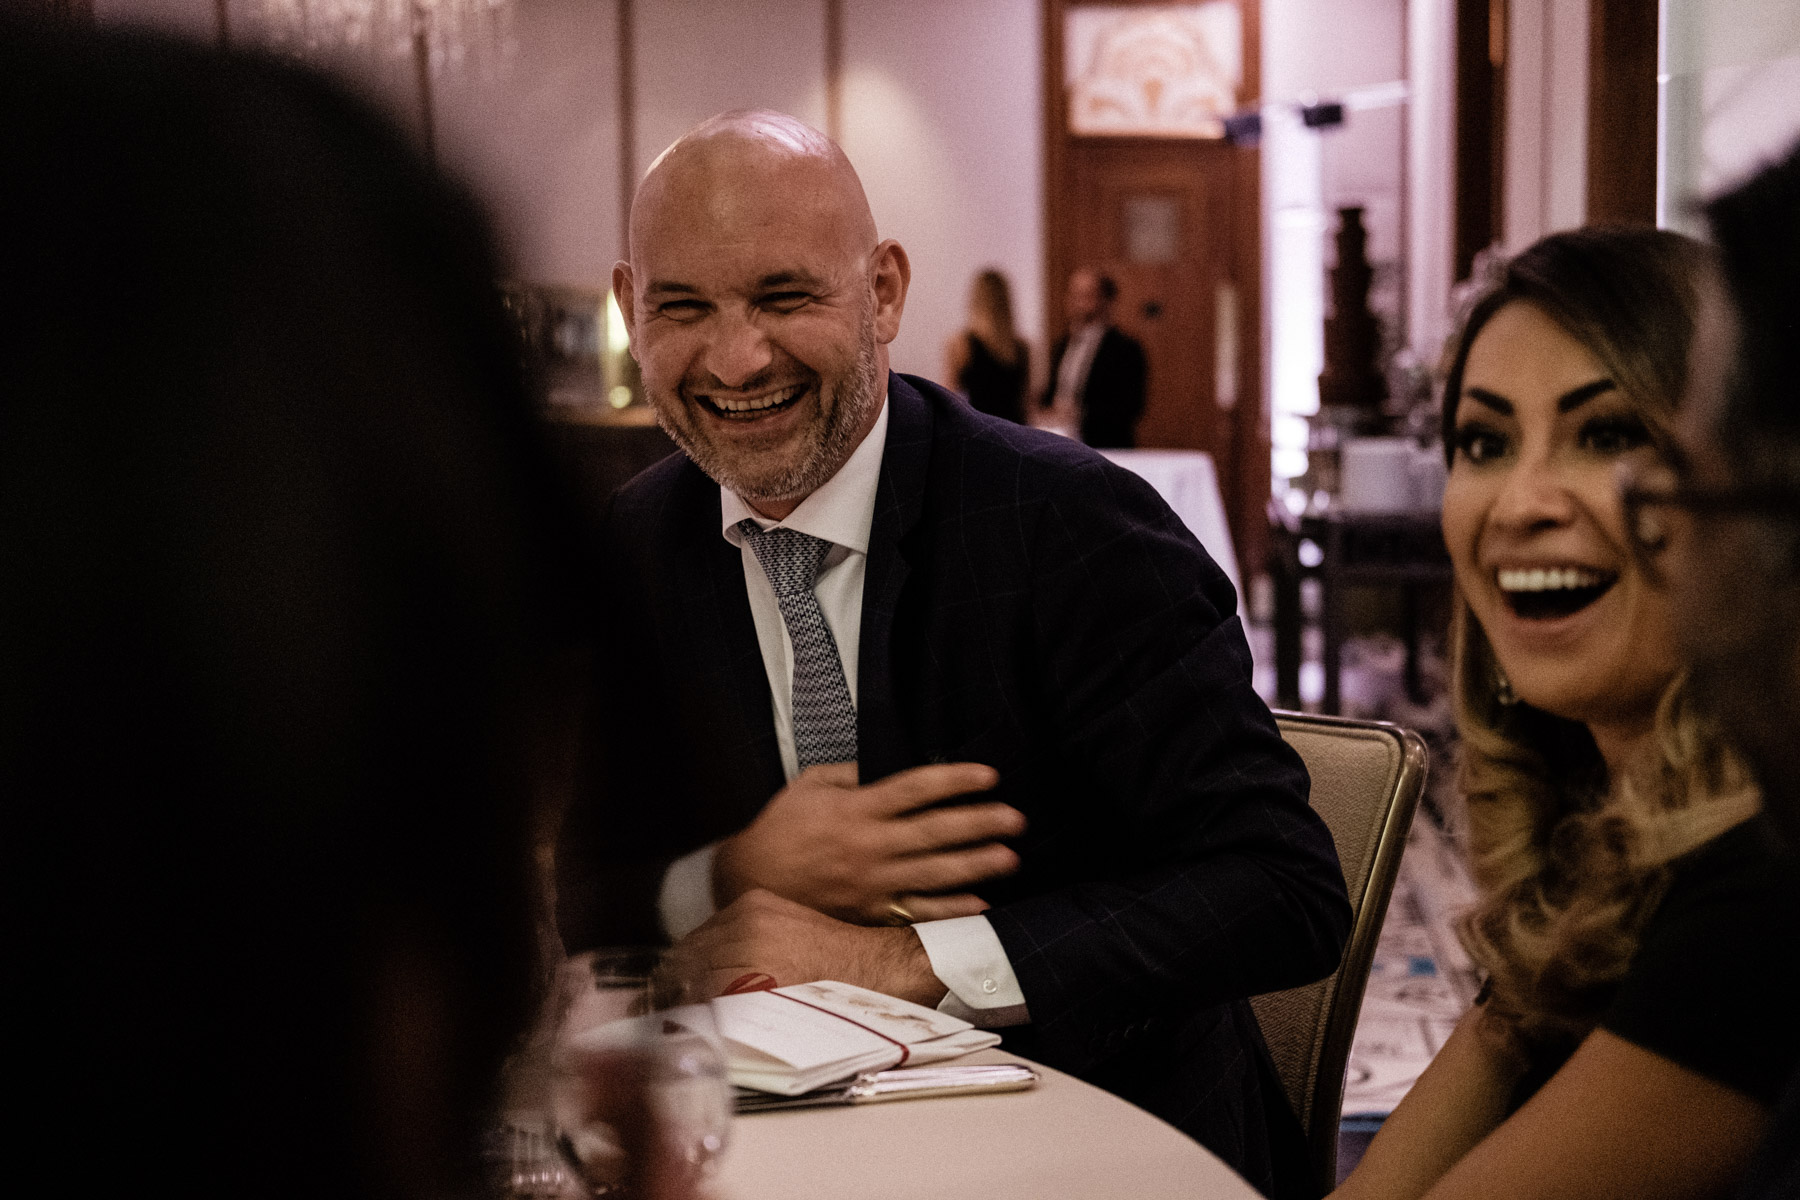 MartinLiebl_Kein_Hochzeitsfotograf_No_Wedding_Photographer_Budapest_Gresham_Palace_058.jpg